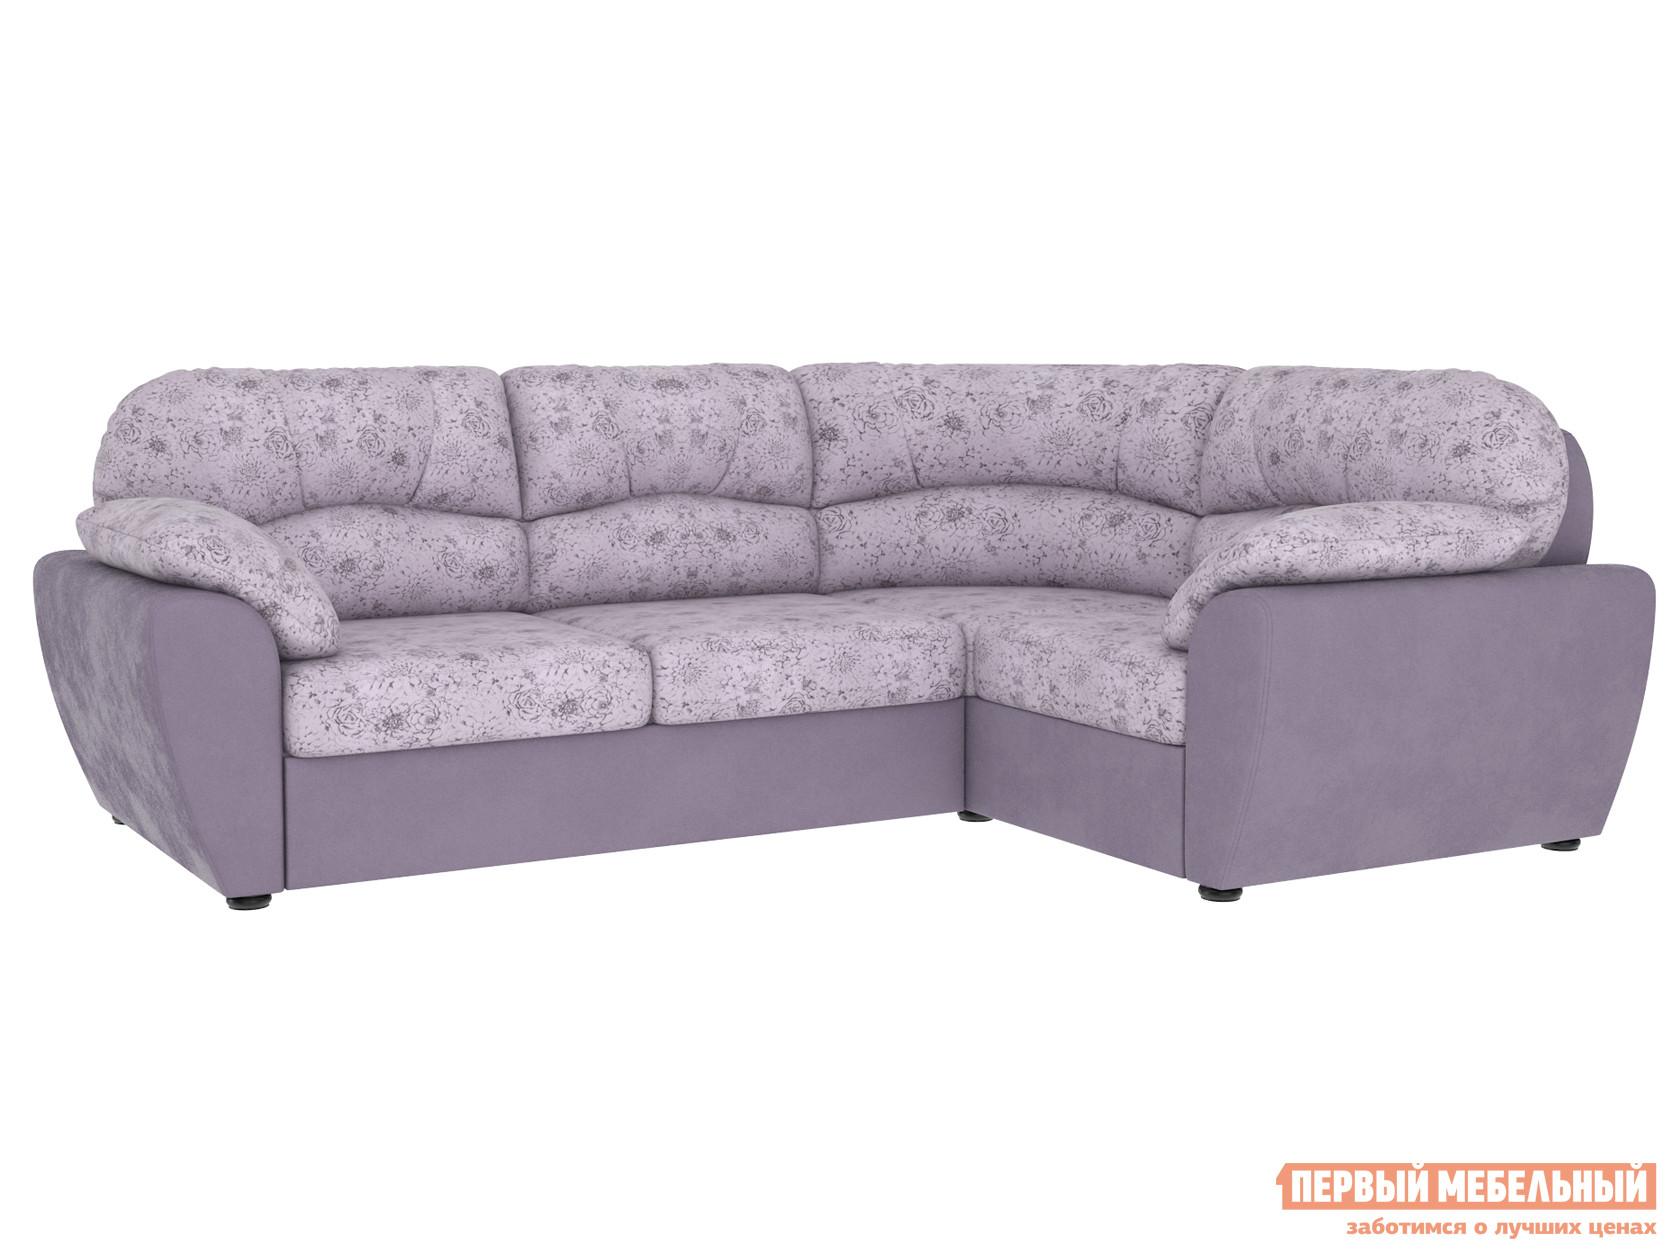 Угловой диван Первый Мебельный Фламенко угловой